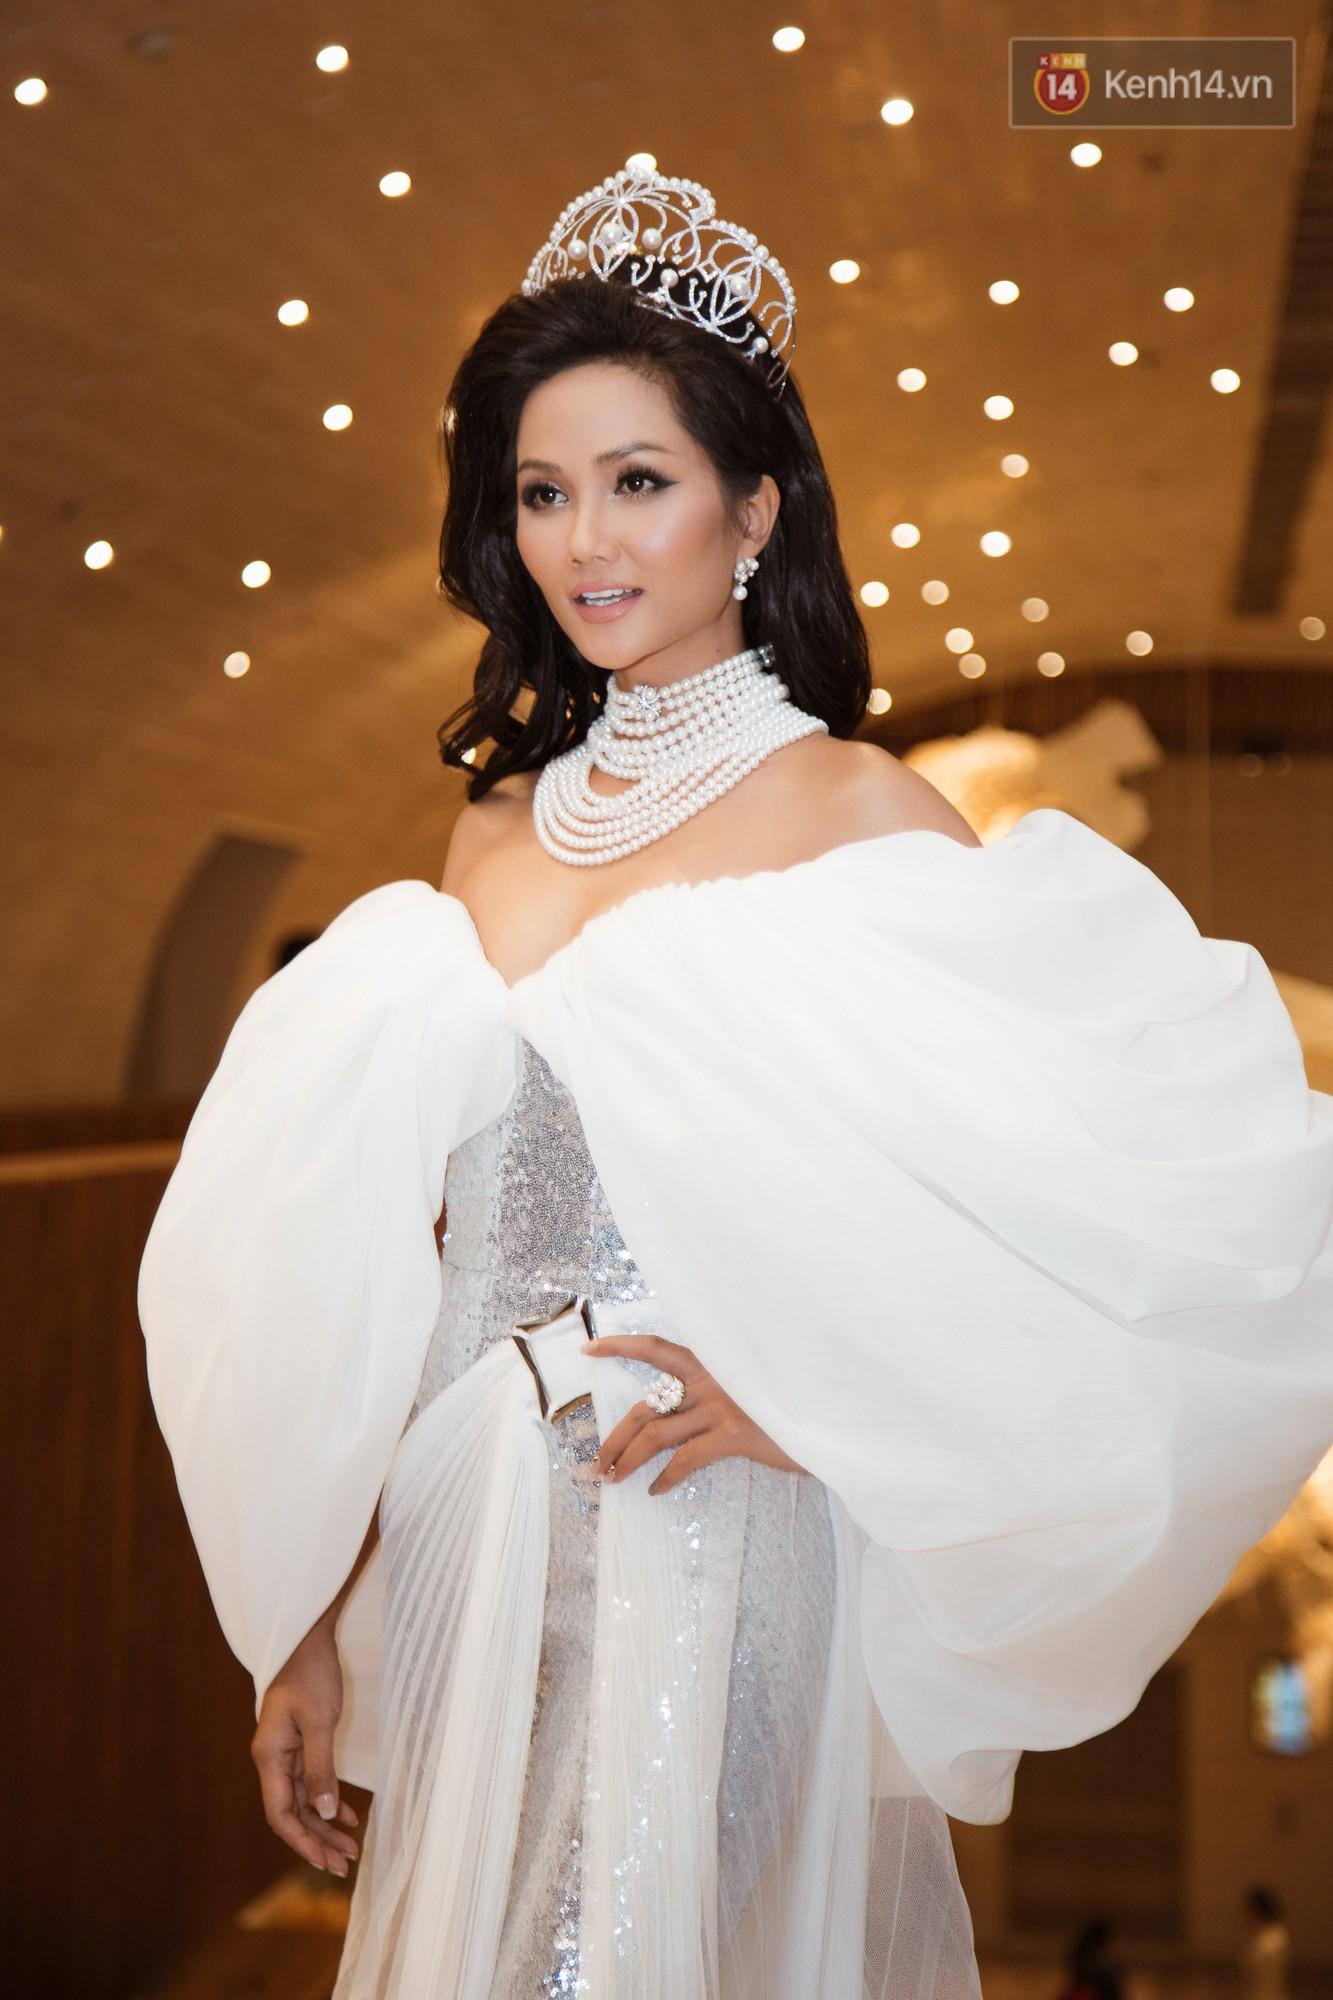 HHen Niê diện style khác lạ, Mâu Thủy hở bạo khoe ngực đầy trong sự kiện khởi động Miss Universe Việt Nam 2019 - Ảnh 1.